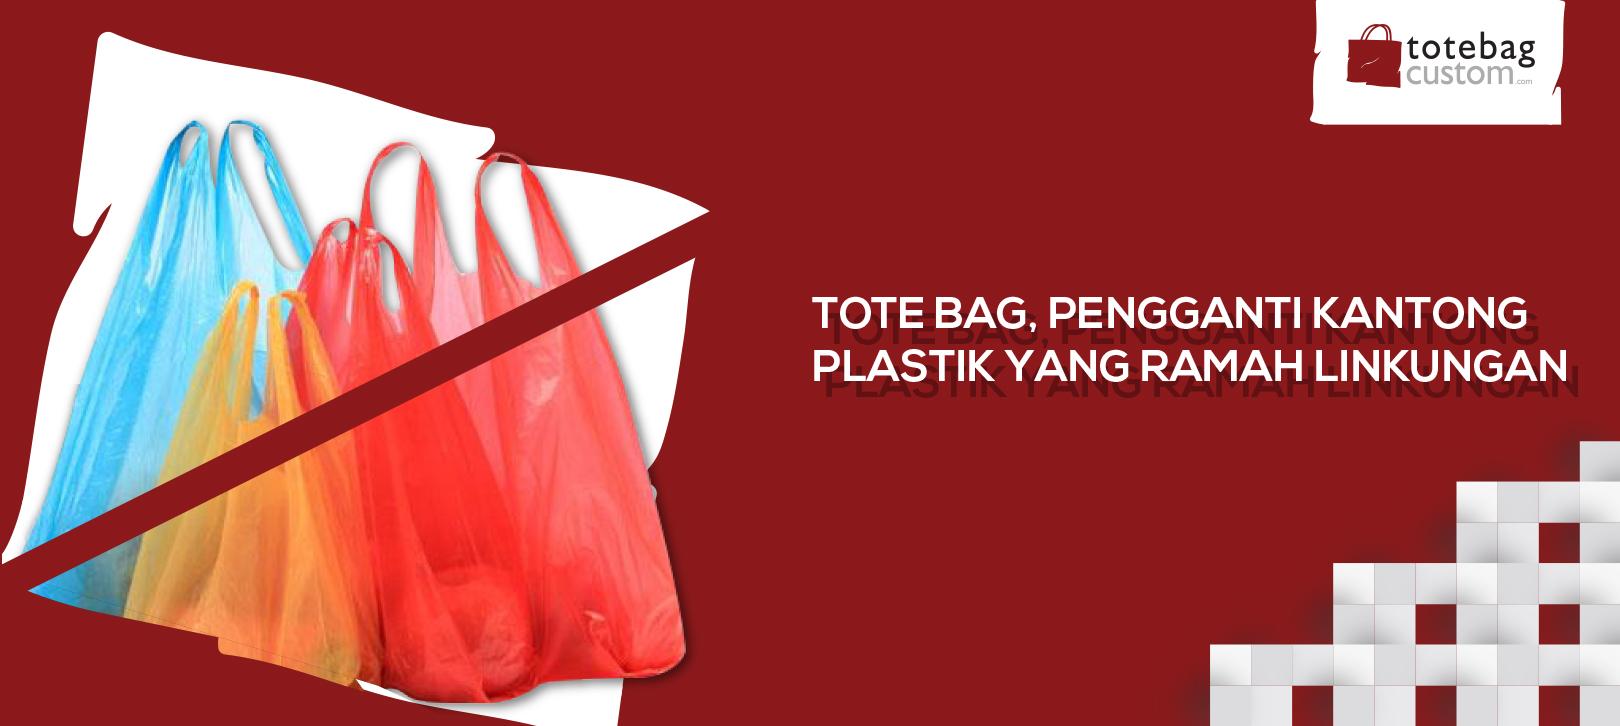 Tote Bag, Pengganti Kantong Plastik yang Ramah Lingkungan